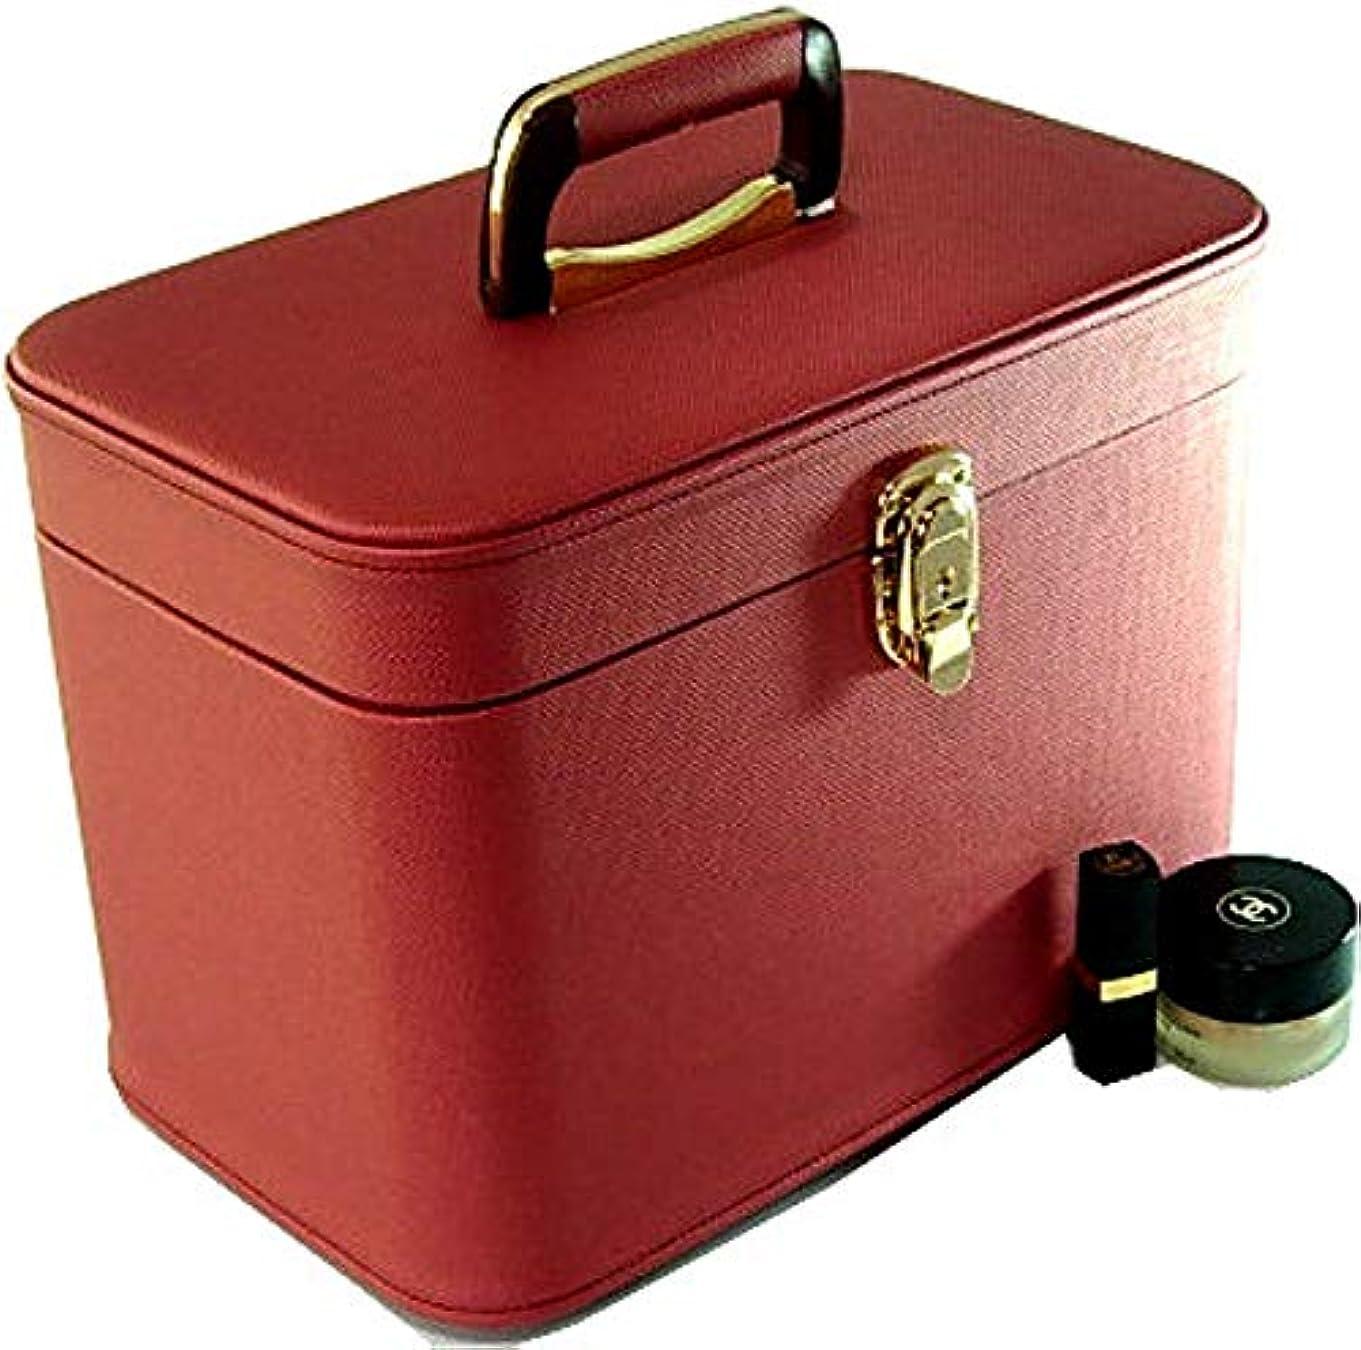 トマト獣しないメイクボックス コスメボックス トリプルG2 33cm ヨコパールワイン 日本製,メイクアップボックス,トレンチケース,お化粧入れ,化粧雑貨,メーキャップボックス,化粧箱,かわいい,メイク道具箱,メイク雑貨,化粧ボックス